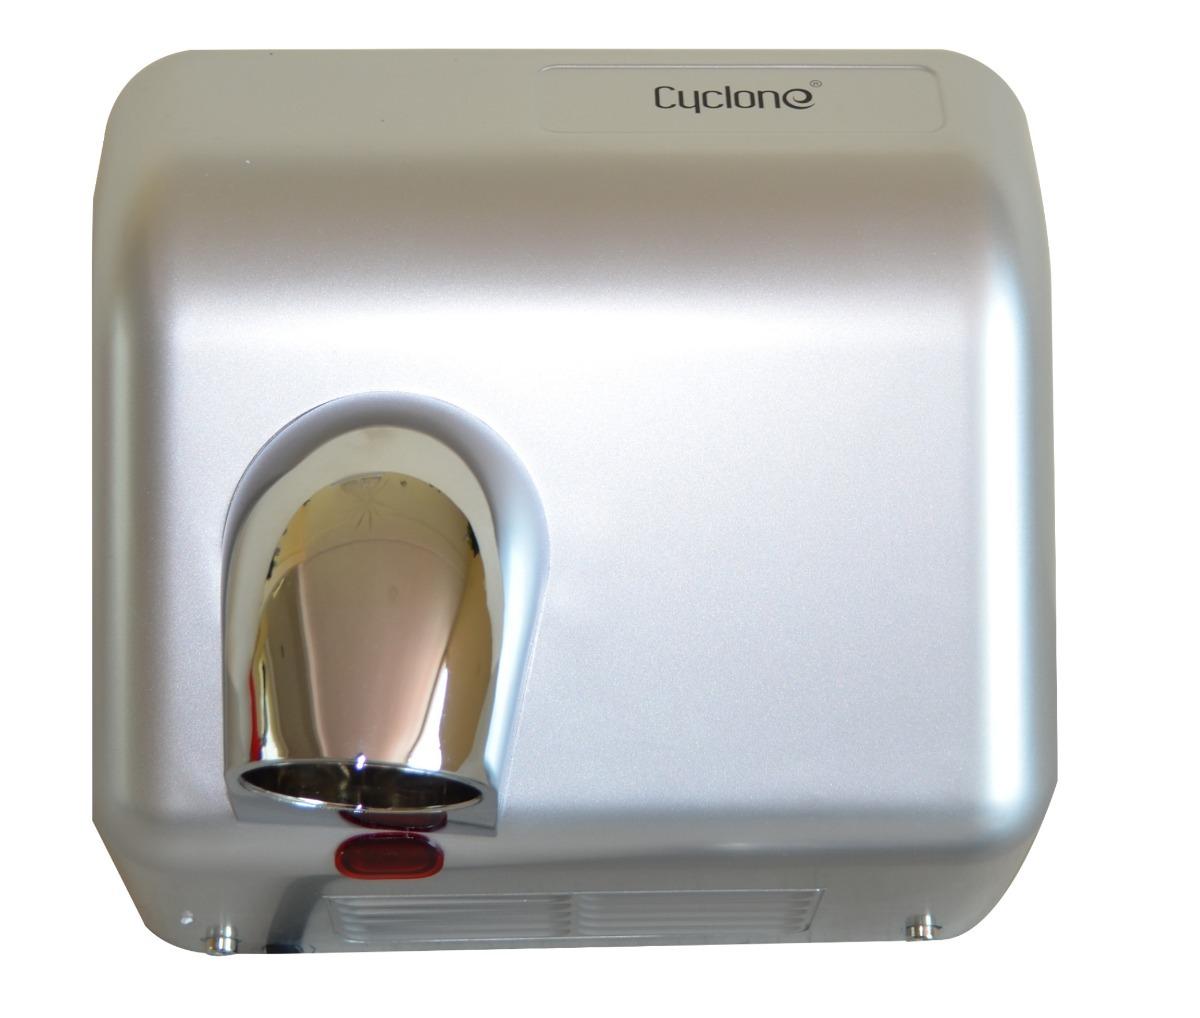 Secador de Manos Óptico Gris. Voltaje 220:240V/ 50 Hz o 110:127V/ 60 Hz. Velocidad de aire: 25 m/s. A prueba de agua. Material ABS. Peso 29 kg. Medias:  62 X 56 X 53.5 cm